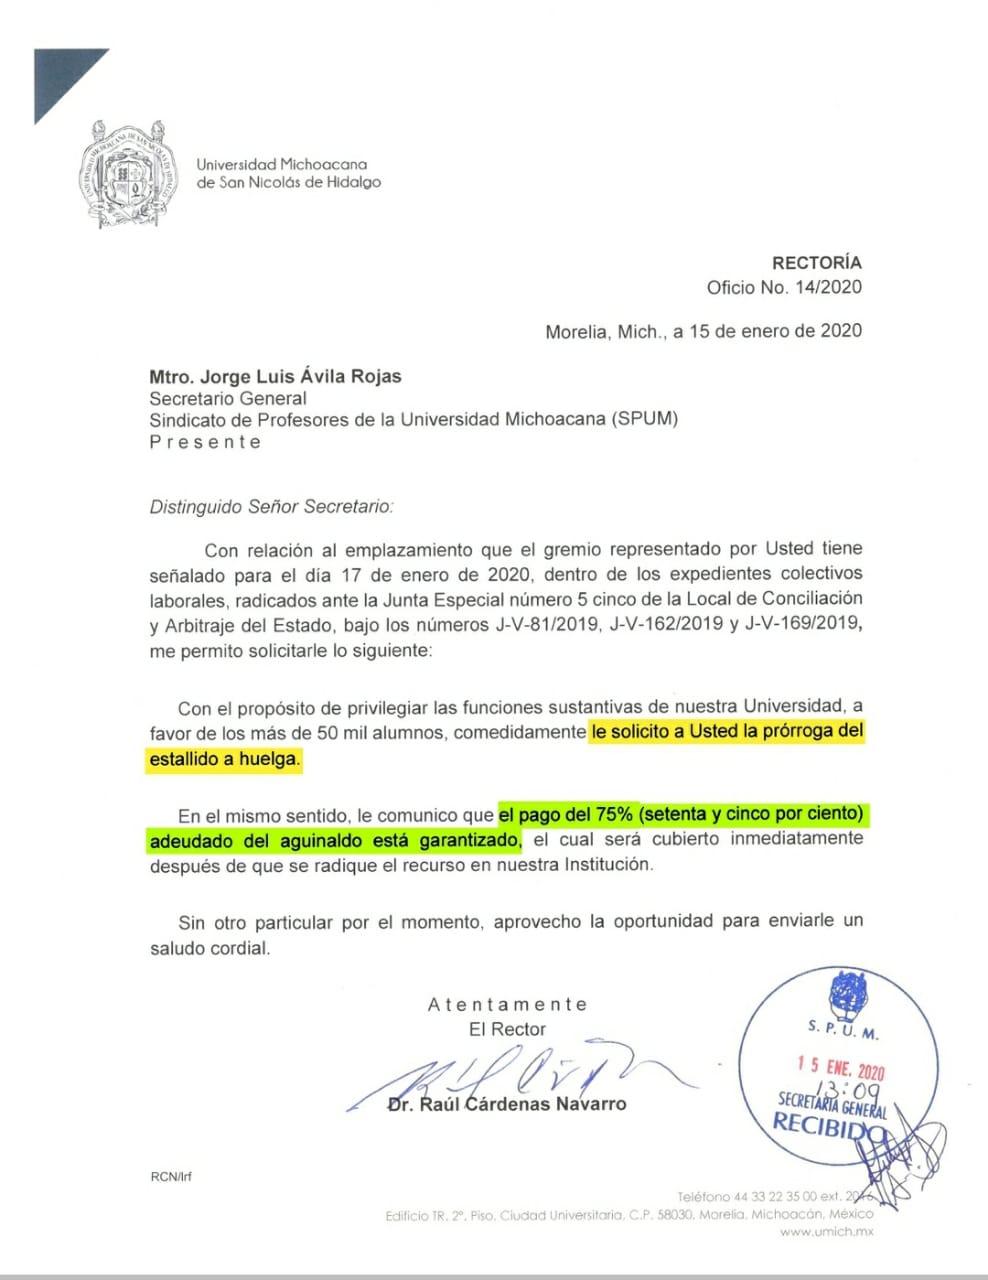 Oficio dirigido por el Rector de la UMSNH, al Sindicato de Profesores de la Universidad Michoacana